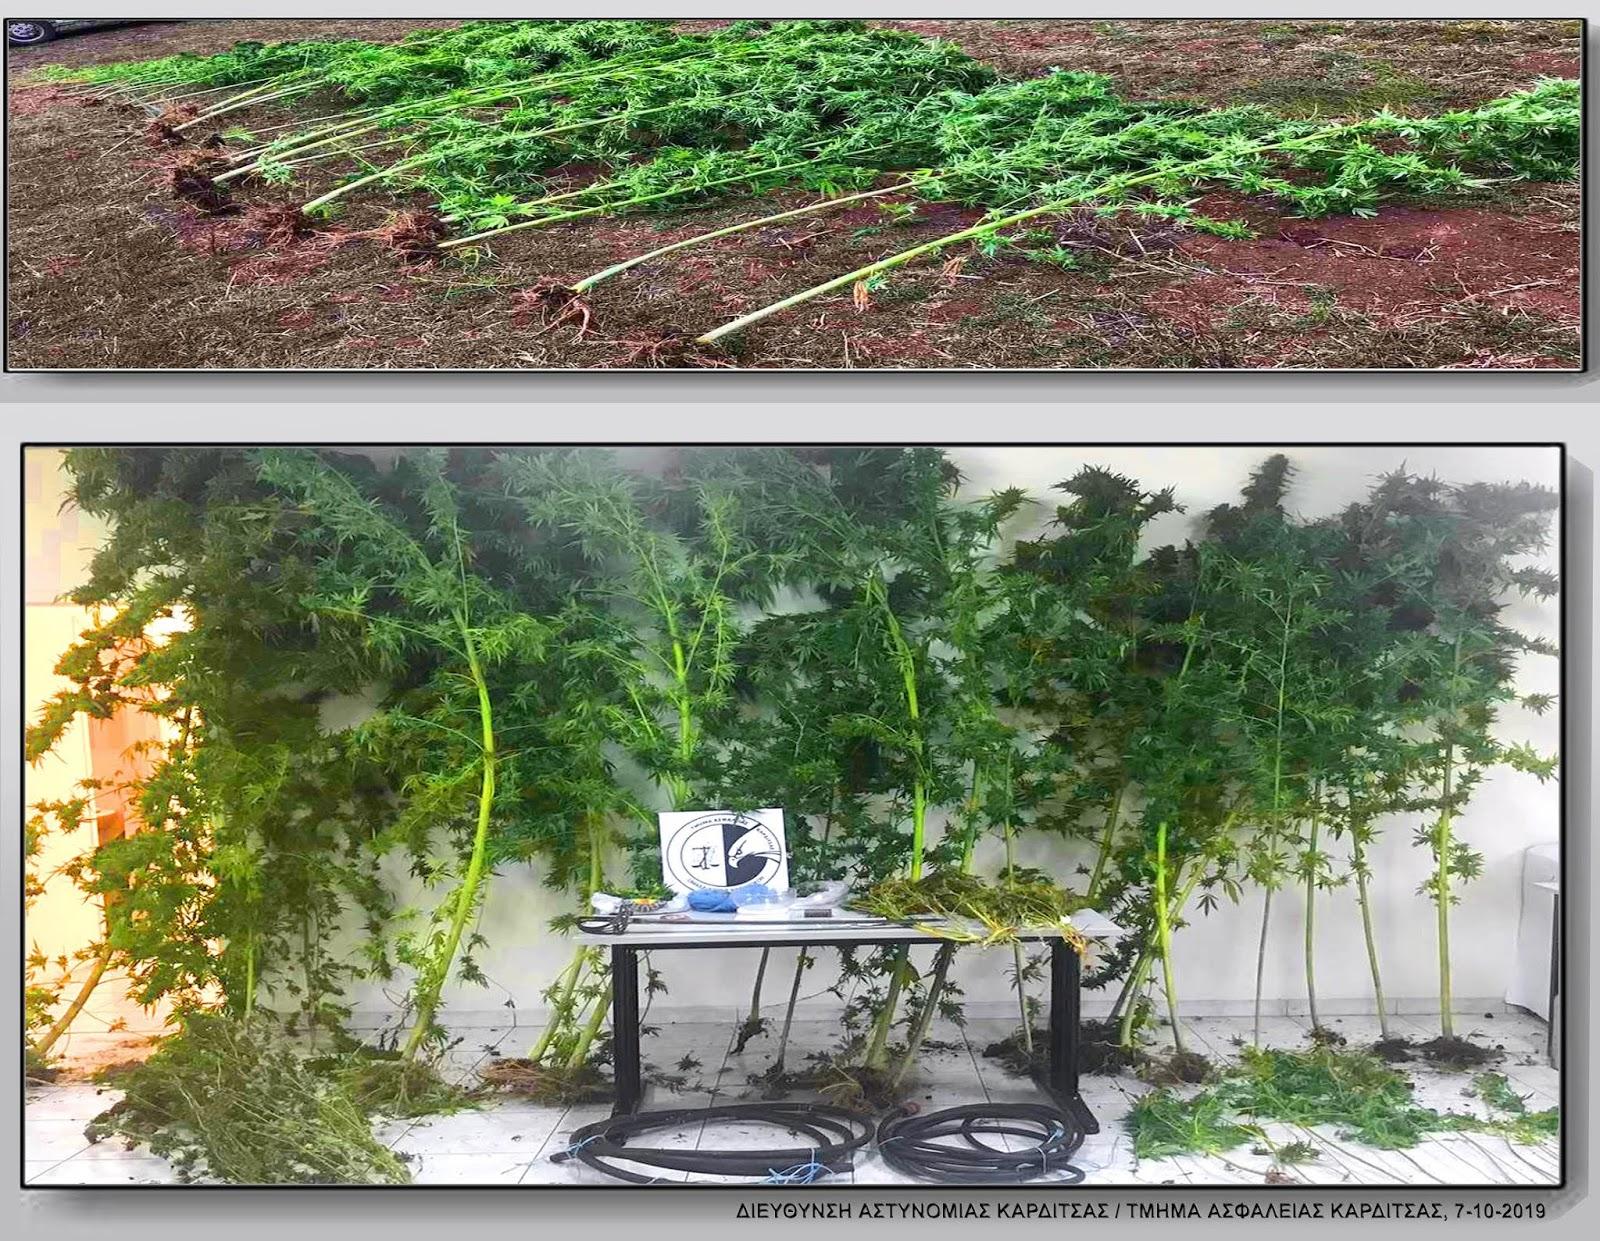 Εντοπίστηκε φυτεία δενδρυλλίων κάνναβης σε αγροτική περιοχή των Τρικάλων